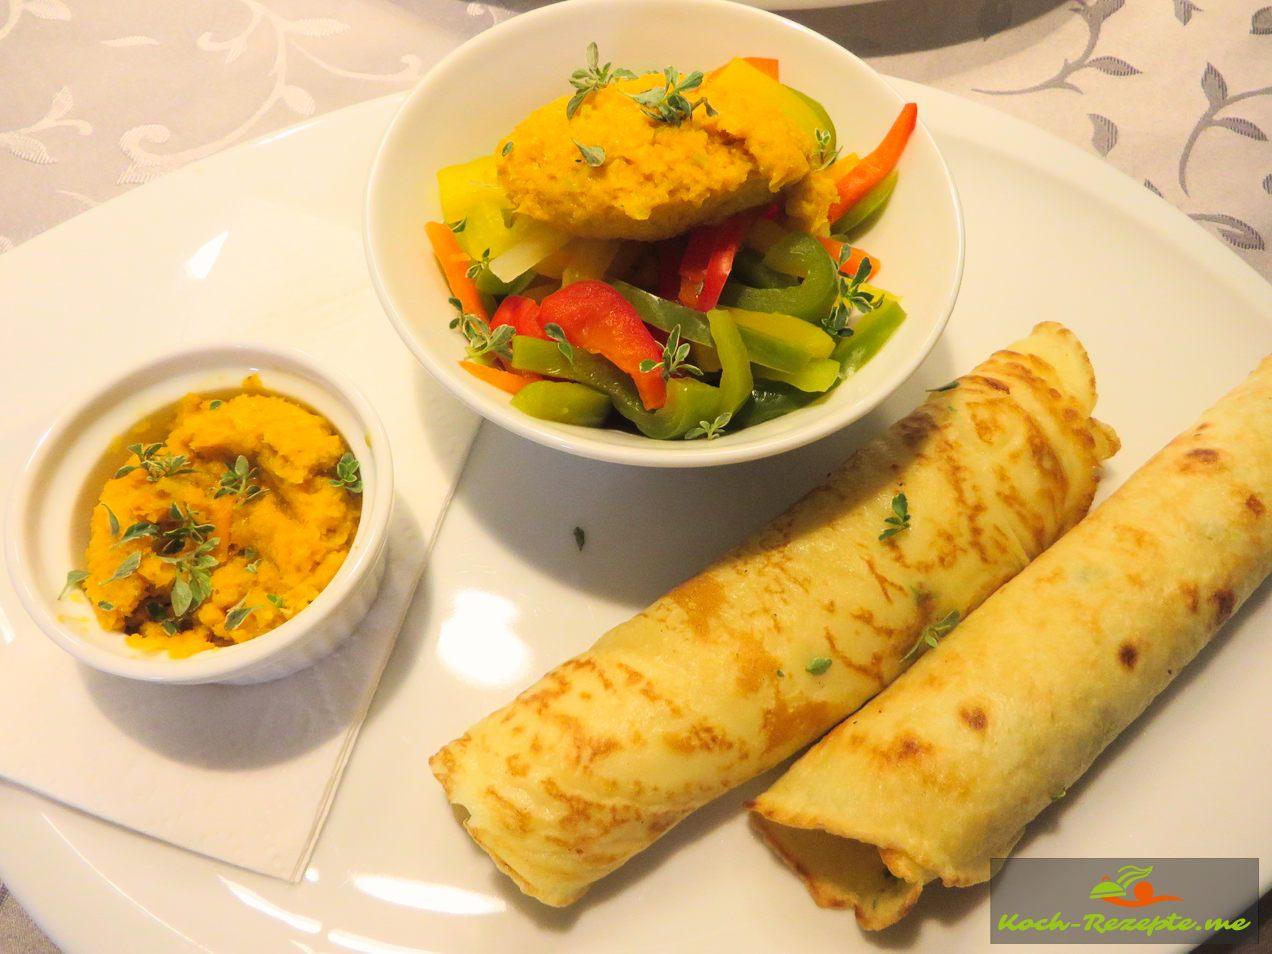 Paprikagemüse italienisch Peperonata mit Gemüsepaste auf herzhafte Pfannkuchen vegetarisch